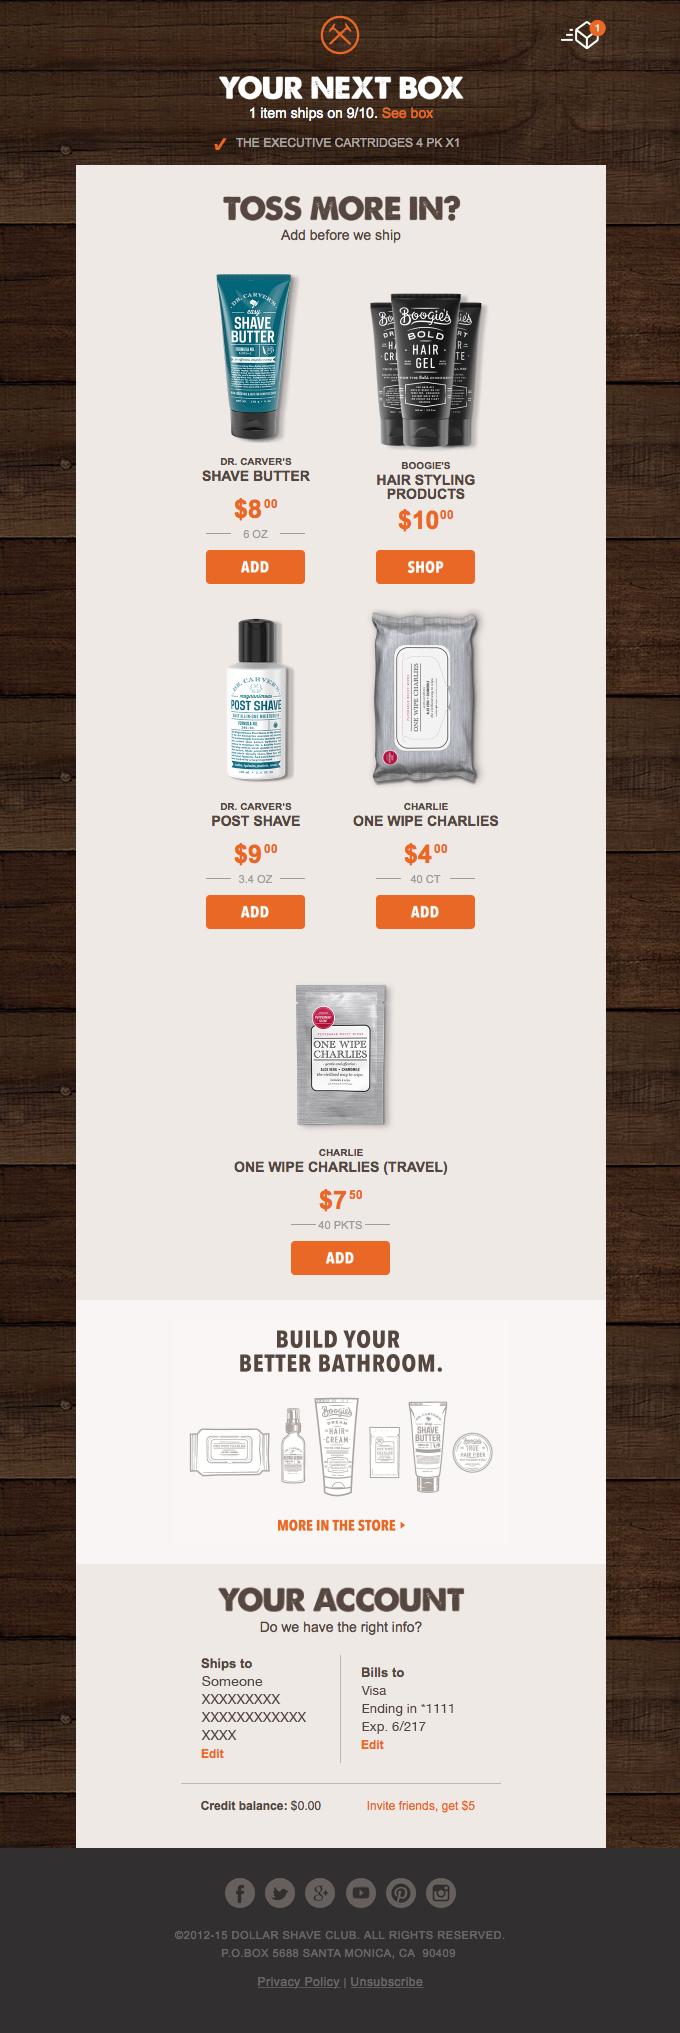 Un ejemplo de email con productos recomendados y descuento